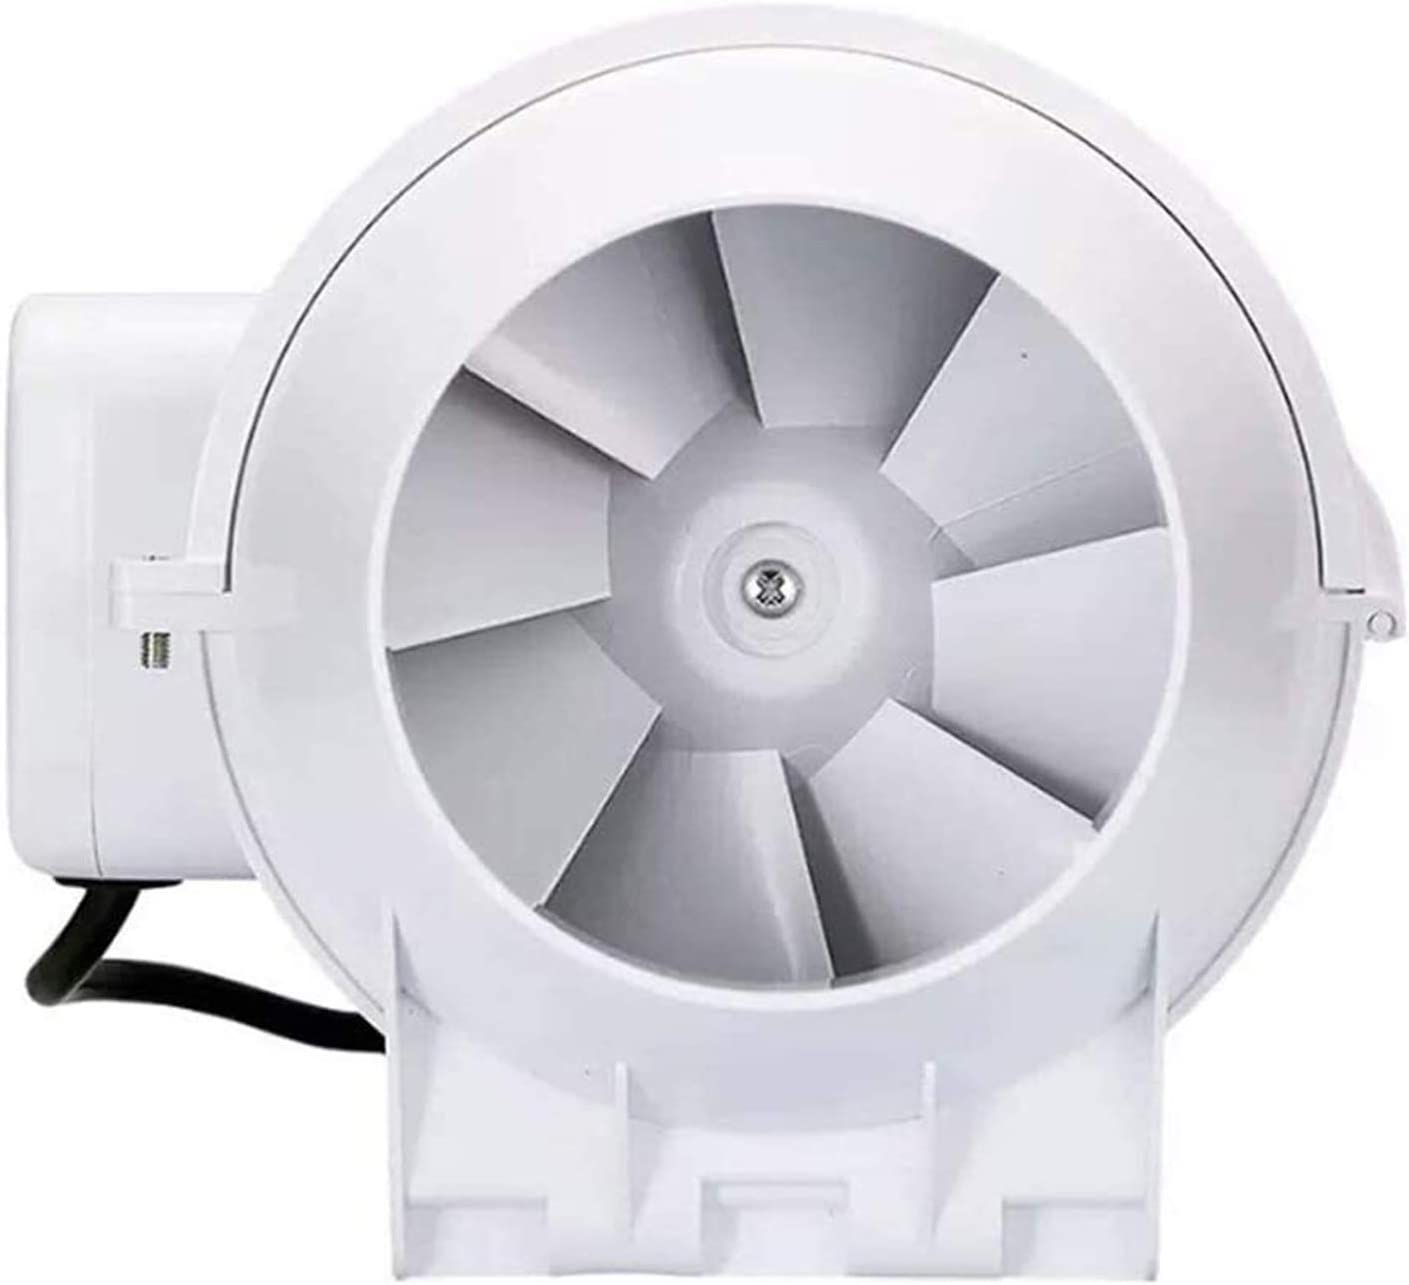 Conducto del ventilador de flujo mixto Inline 97 mm, conducto Extractor industria del ventilador Ventilaltion Ventilador for baño, el volumen de oficina, hotel, pasillo, hidropónico, Aire: 198m³ / h,